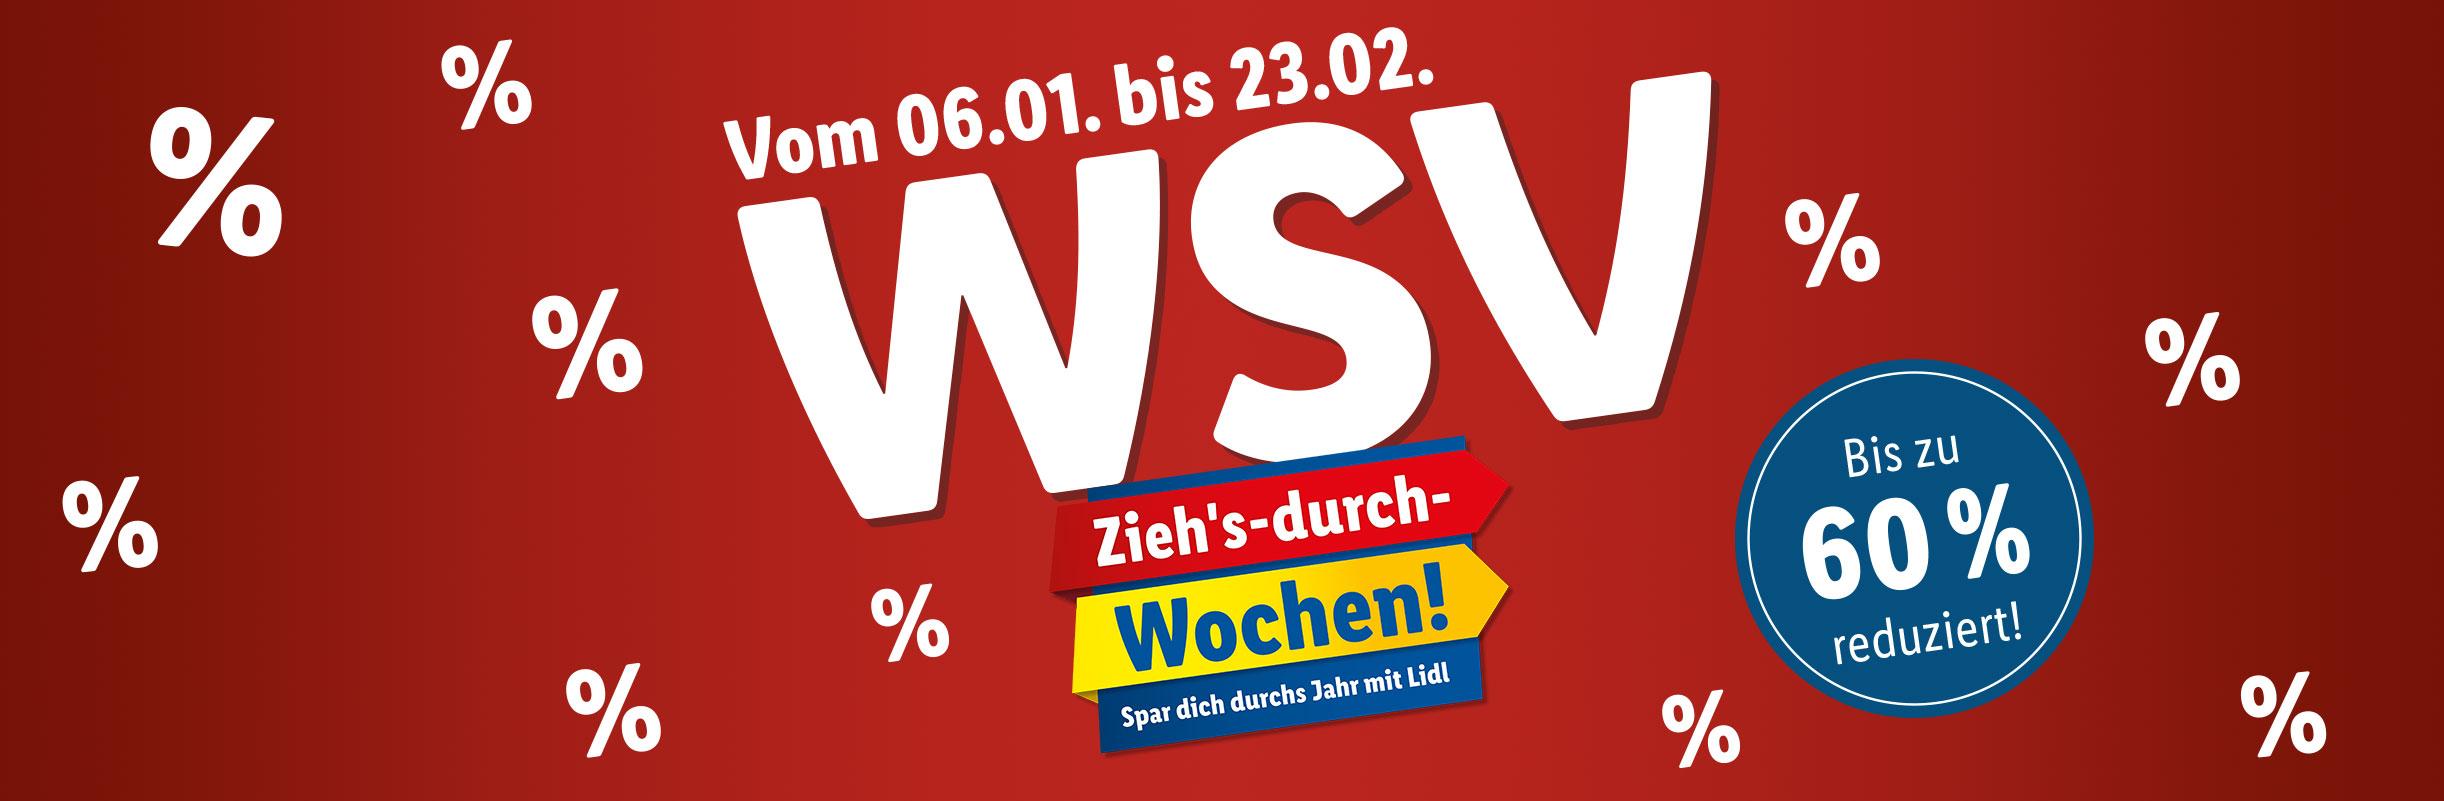 Ab Montag, 14.01. – Jetzt beim WSV sparen!